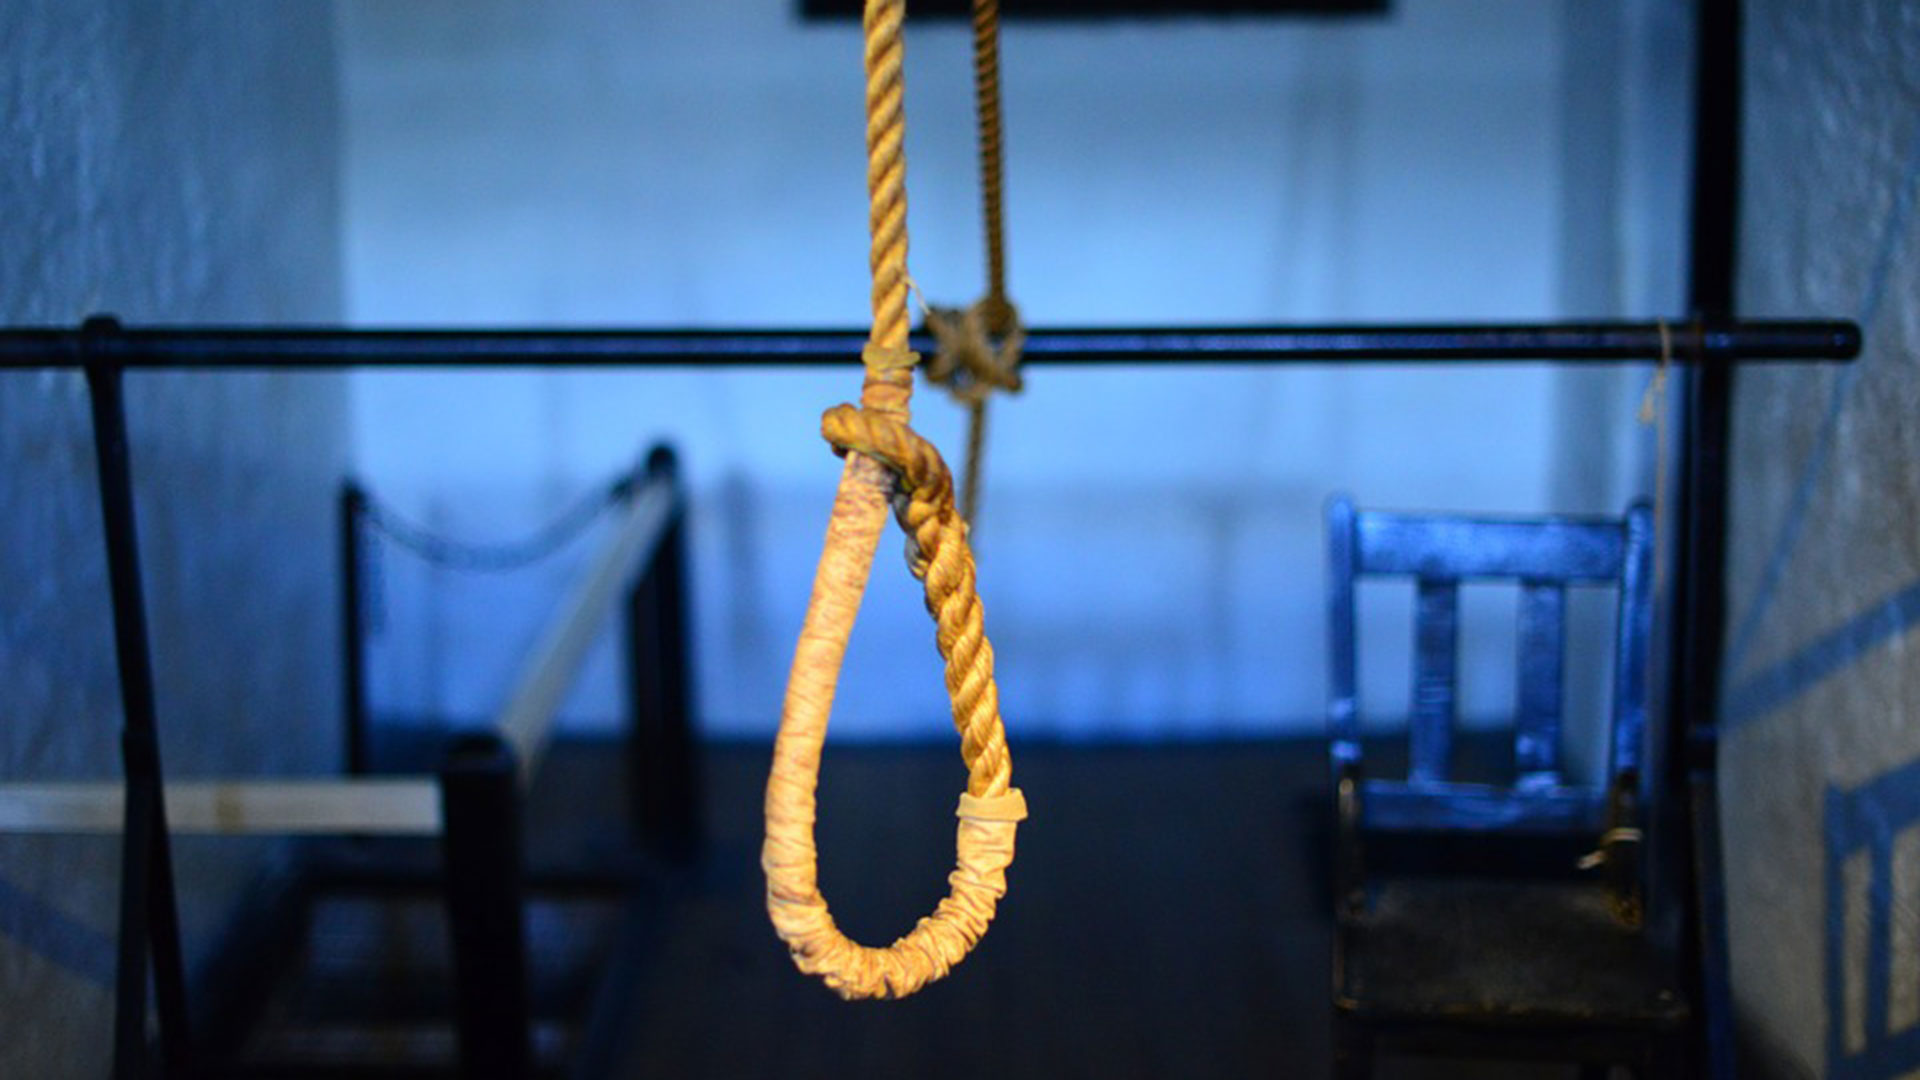 La pena de muerte en Malasia se llevaba adelante mediante ahorcamiento